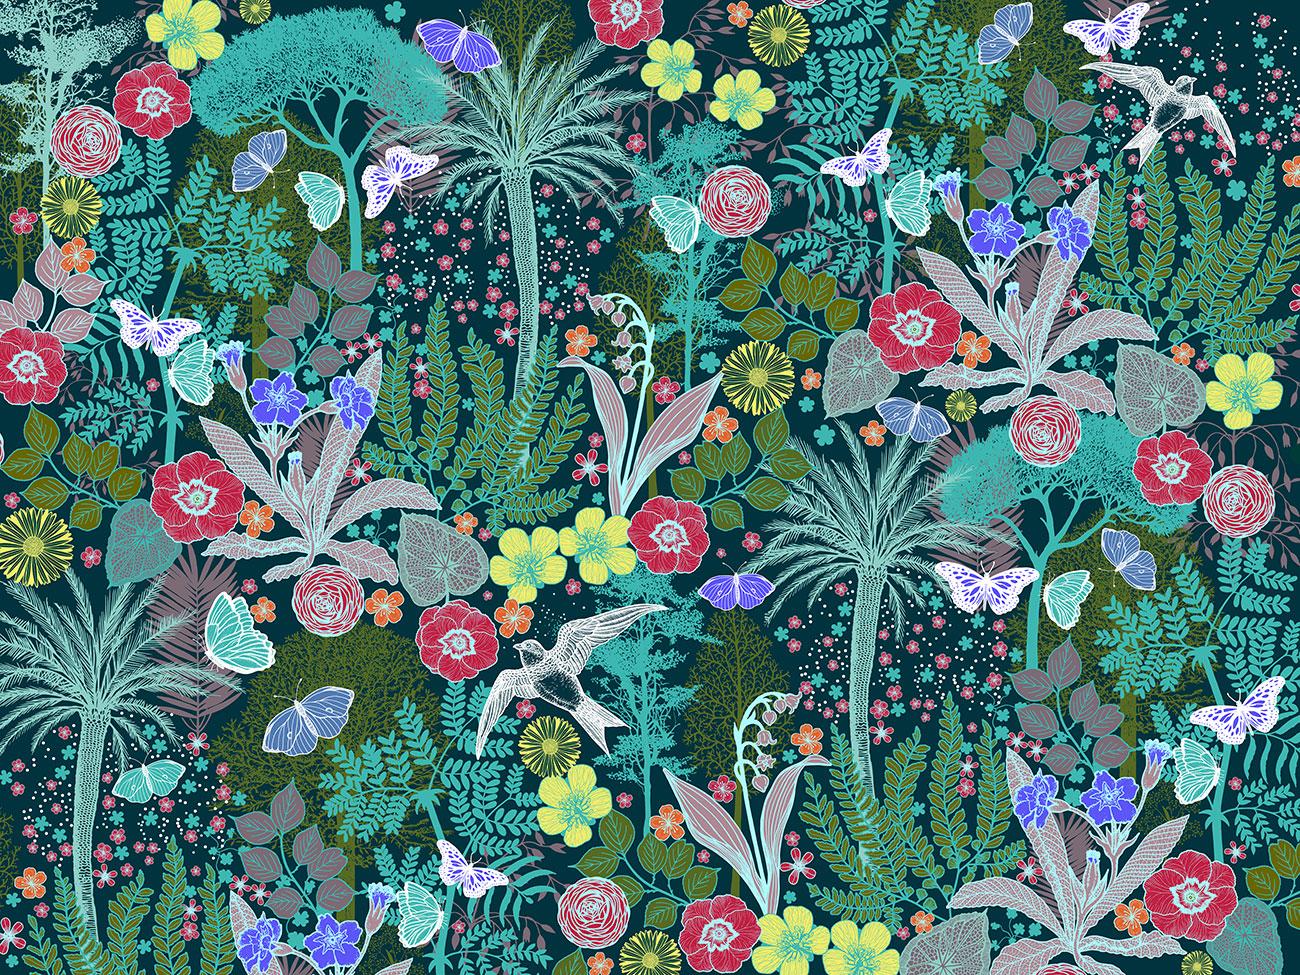 Exposition: Le papier peint au fil des saisons